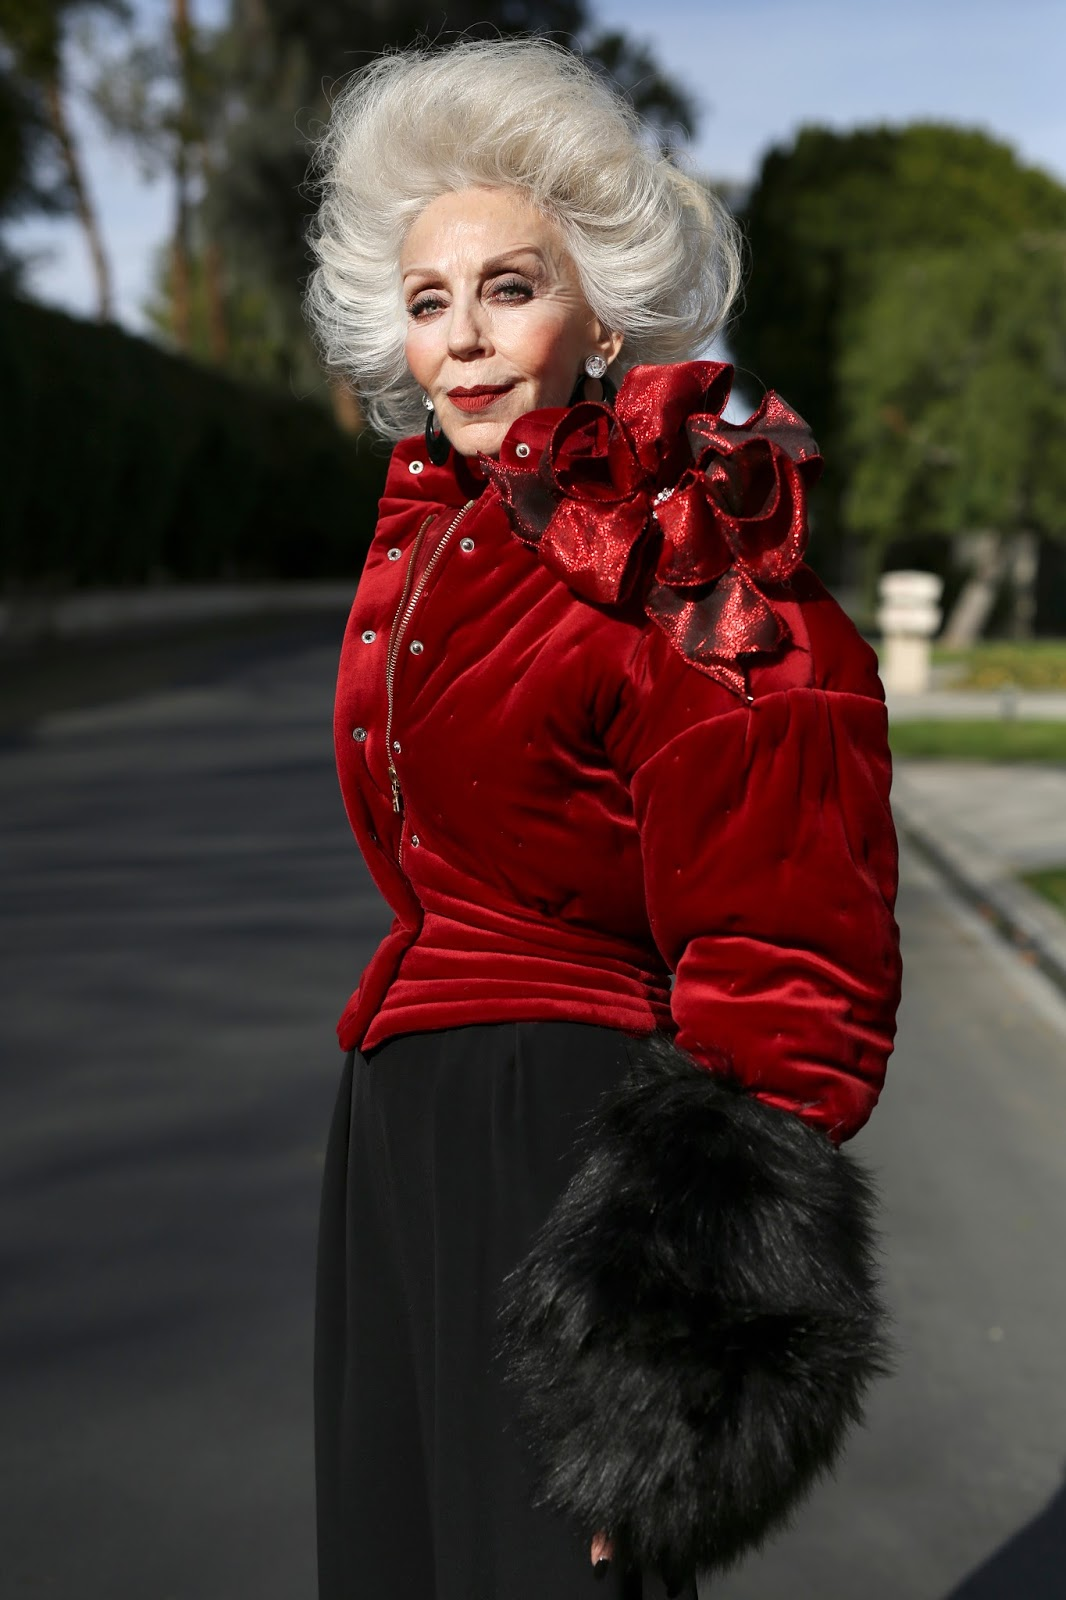 Streetstyle cực chất của những fashionista bô lão ảnh 4